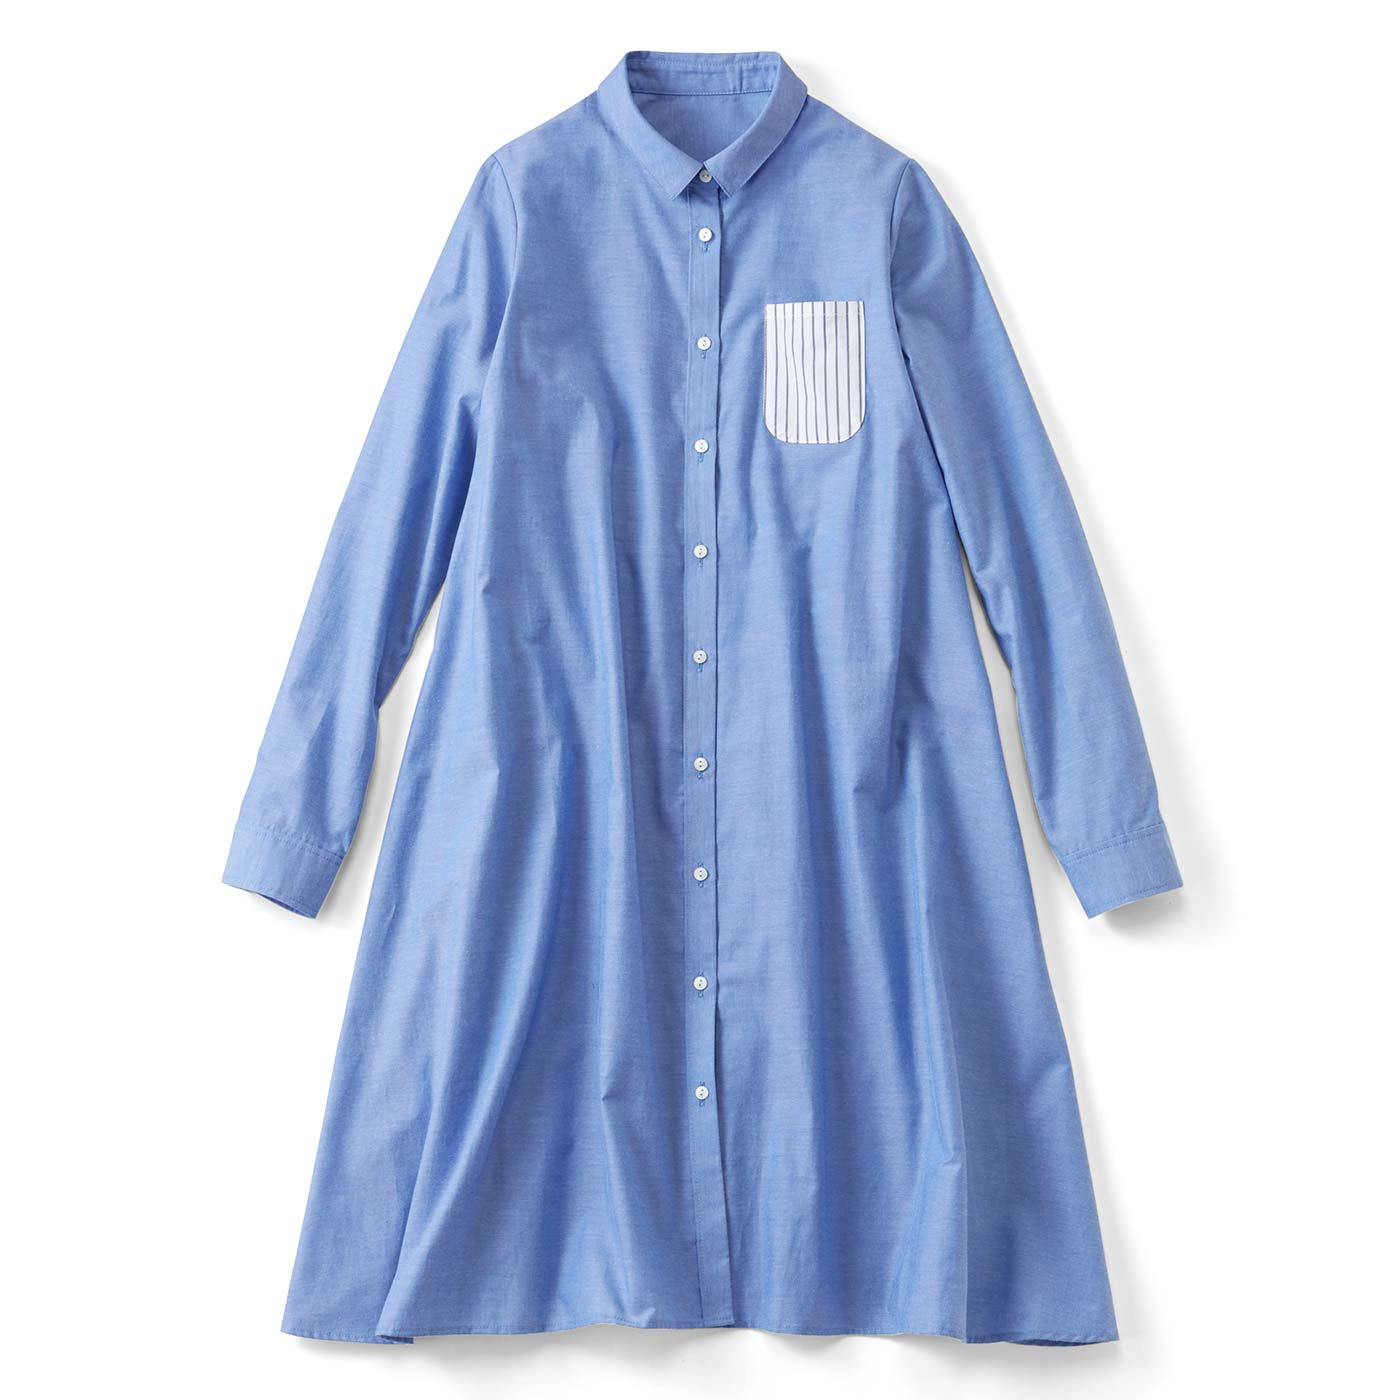 後ろギャザーのポッケ付きシャツワンピース〈水色シャンブレー〉